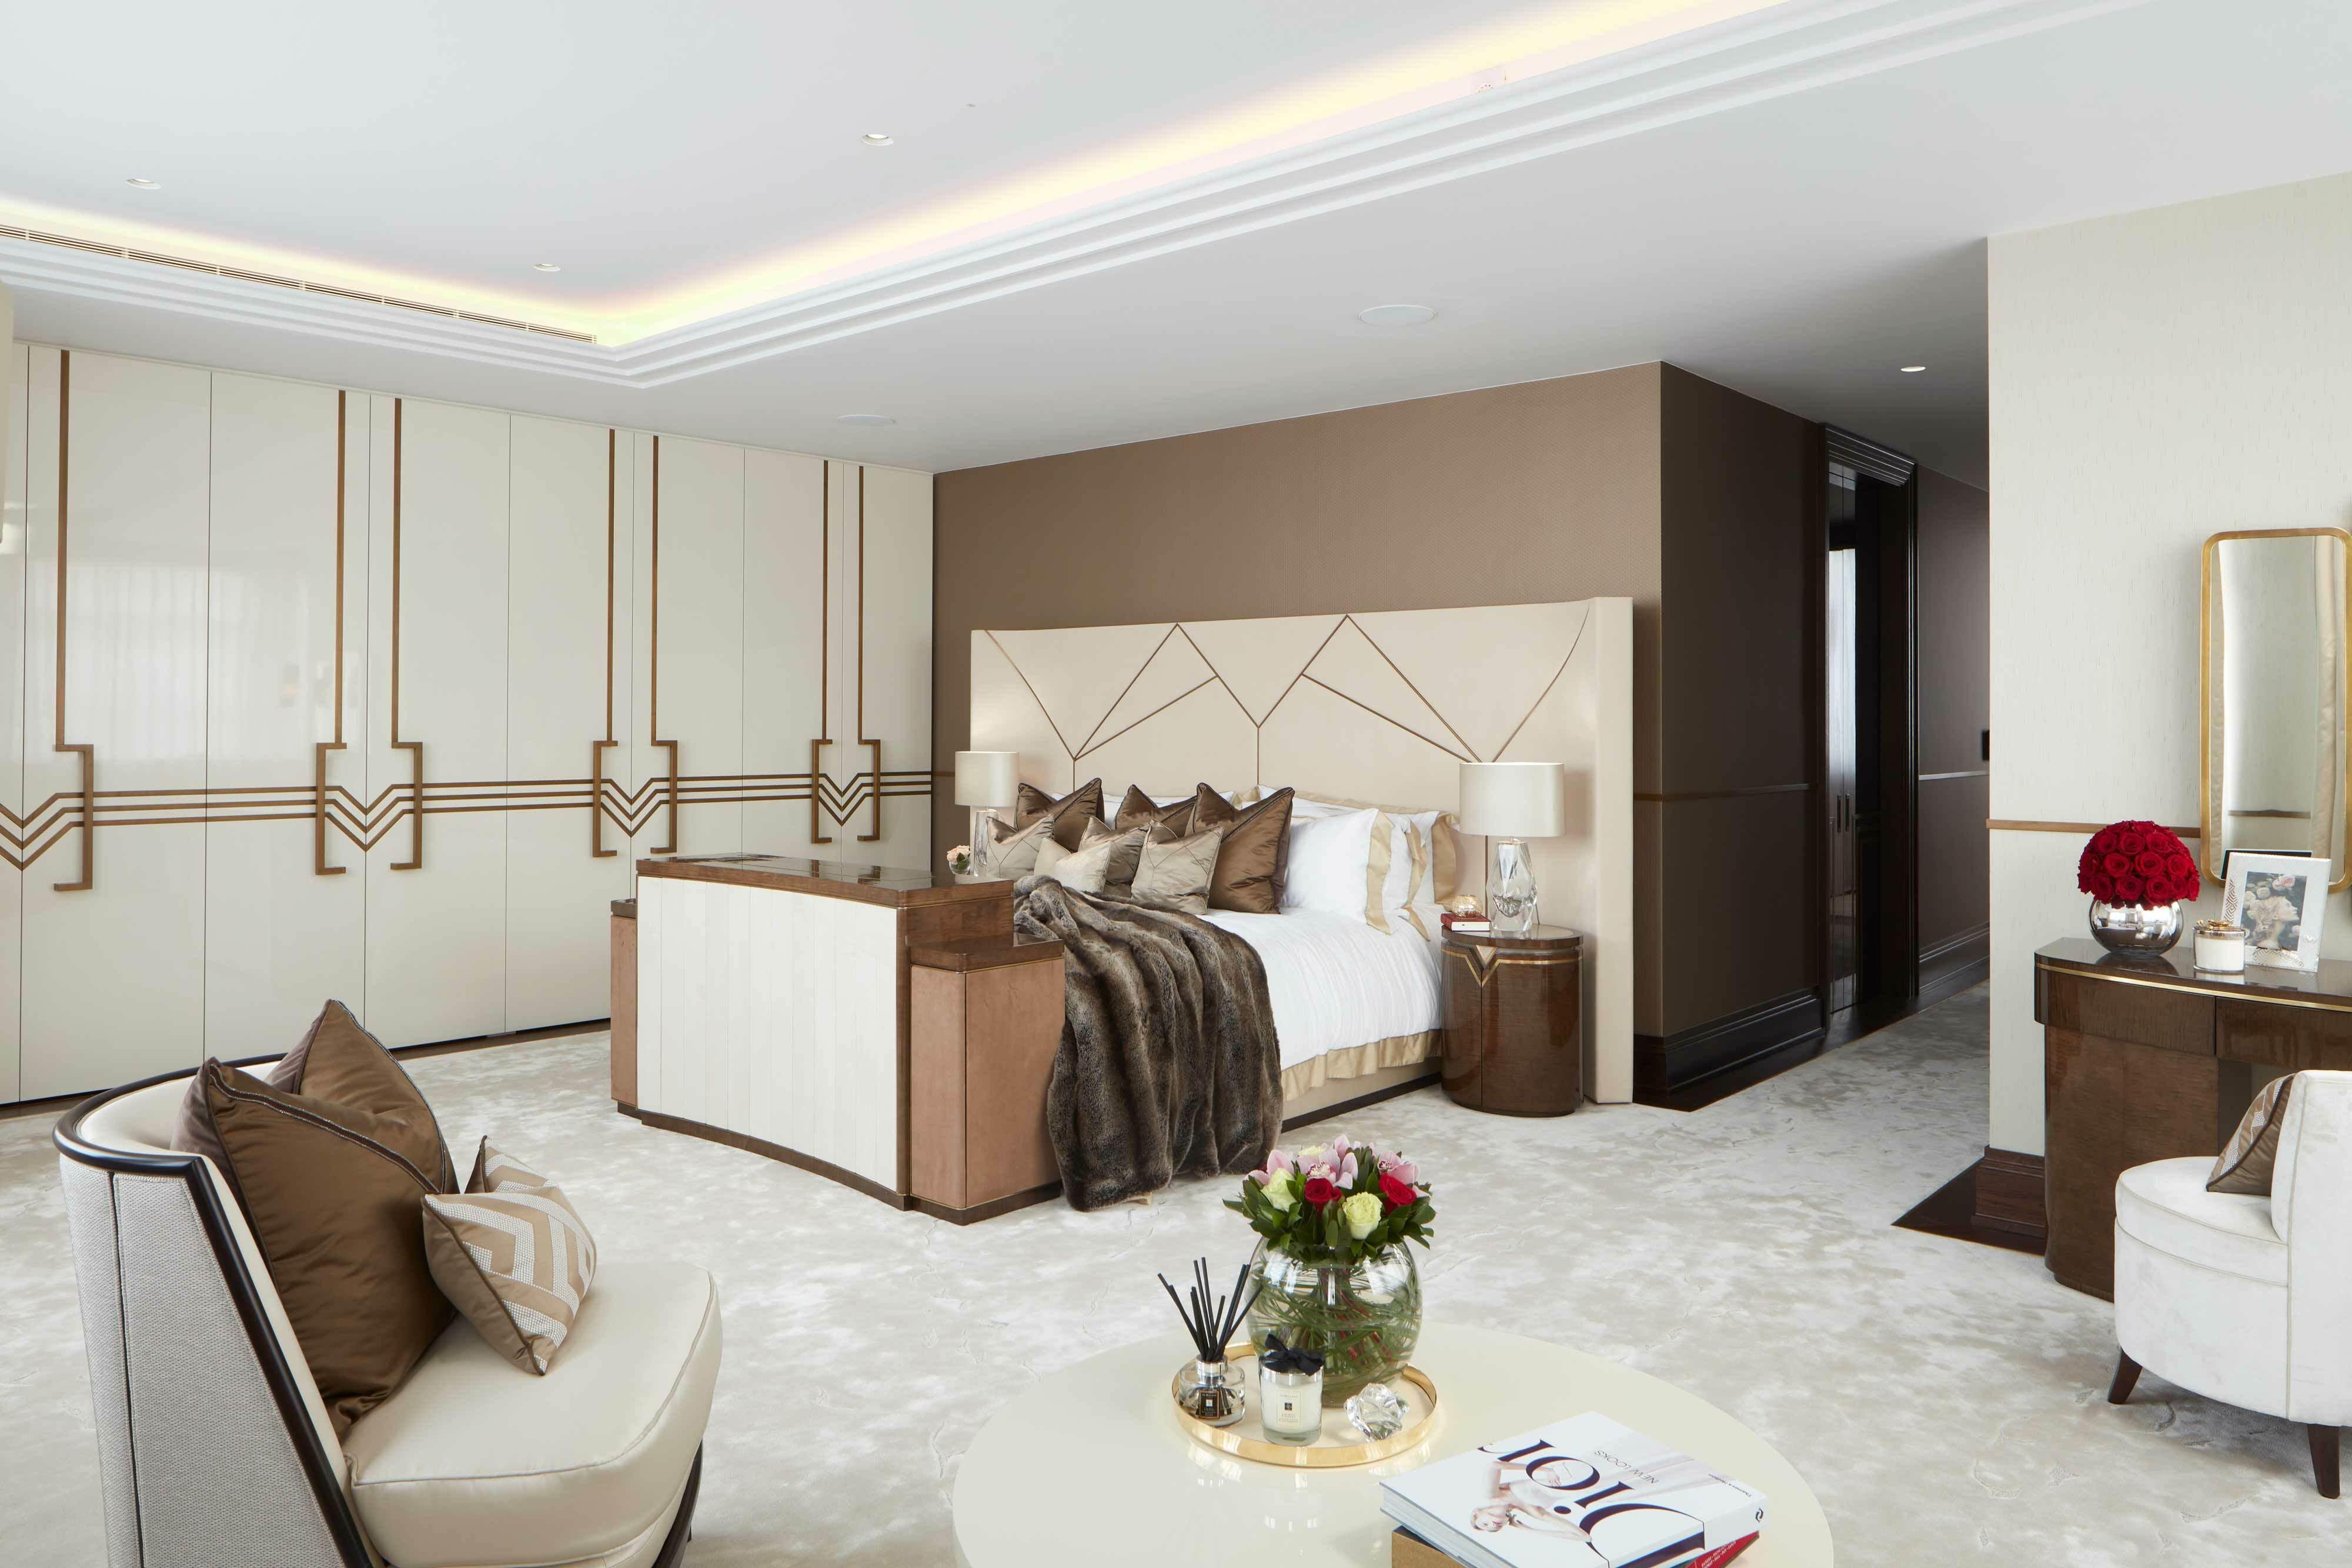 Bedrooms3.jpg